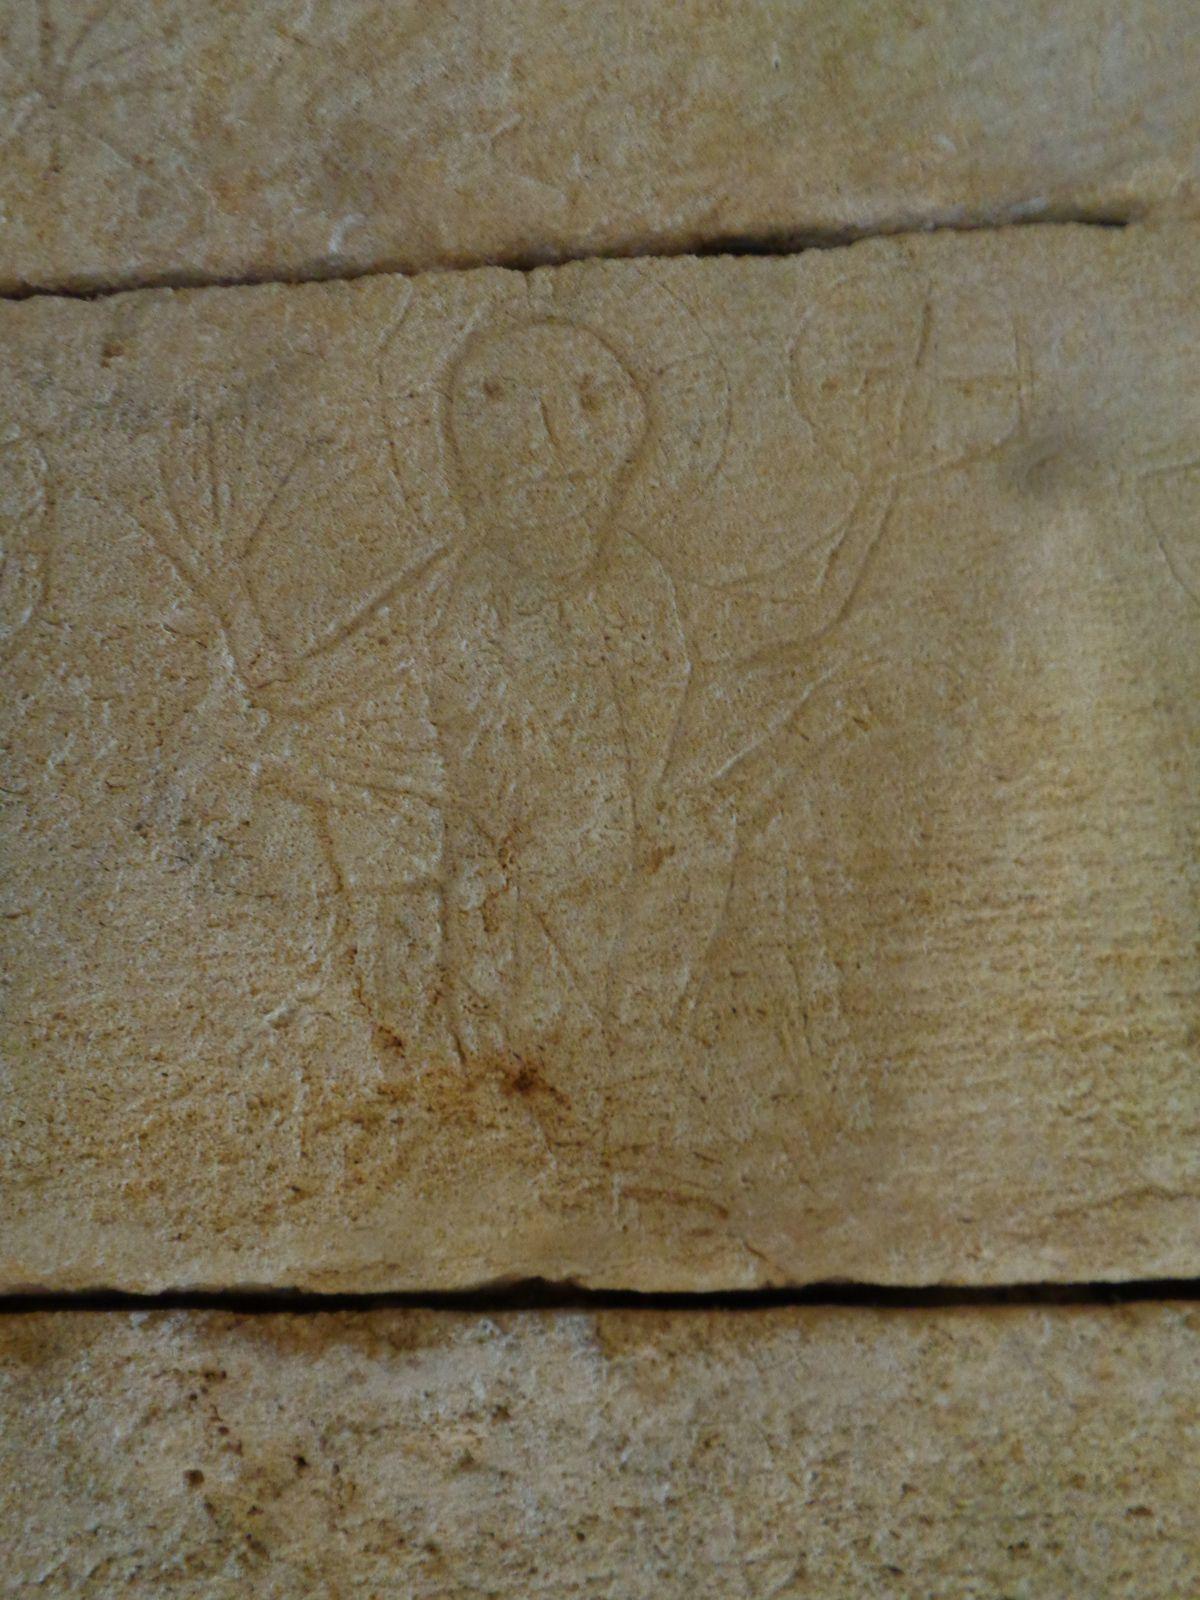 """Le guide nous a déclaré que les prisonniers, n'ayant aucun instrument sous la main..... auraient fait ces gravures avec leurs ongles, voir avec des dents humaines, en effet il leur arrivait de perdre leurs dents (En tant que spécialiste des graffiti, difficile de douter des déclarations des """" autres """" mais bien sûr il y a d'autres pistes.... Par contre pour la main, cela nous rappelle un peu la pratique des hommes de la préhistoire.  Mais les inscriptions lapidaires ce sont aussi les marques des tâcherons."""